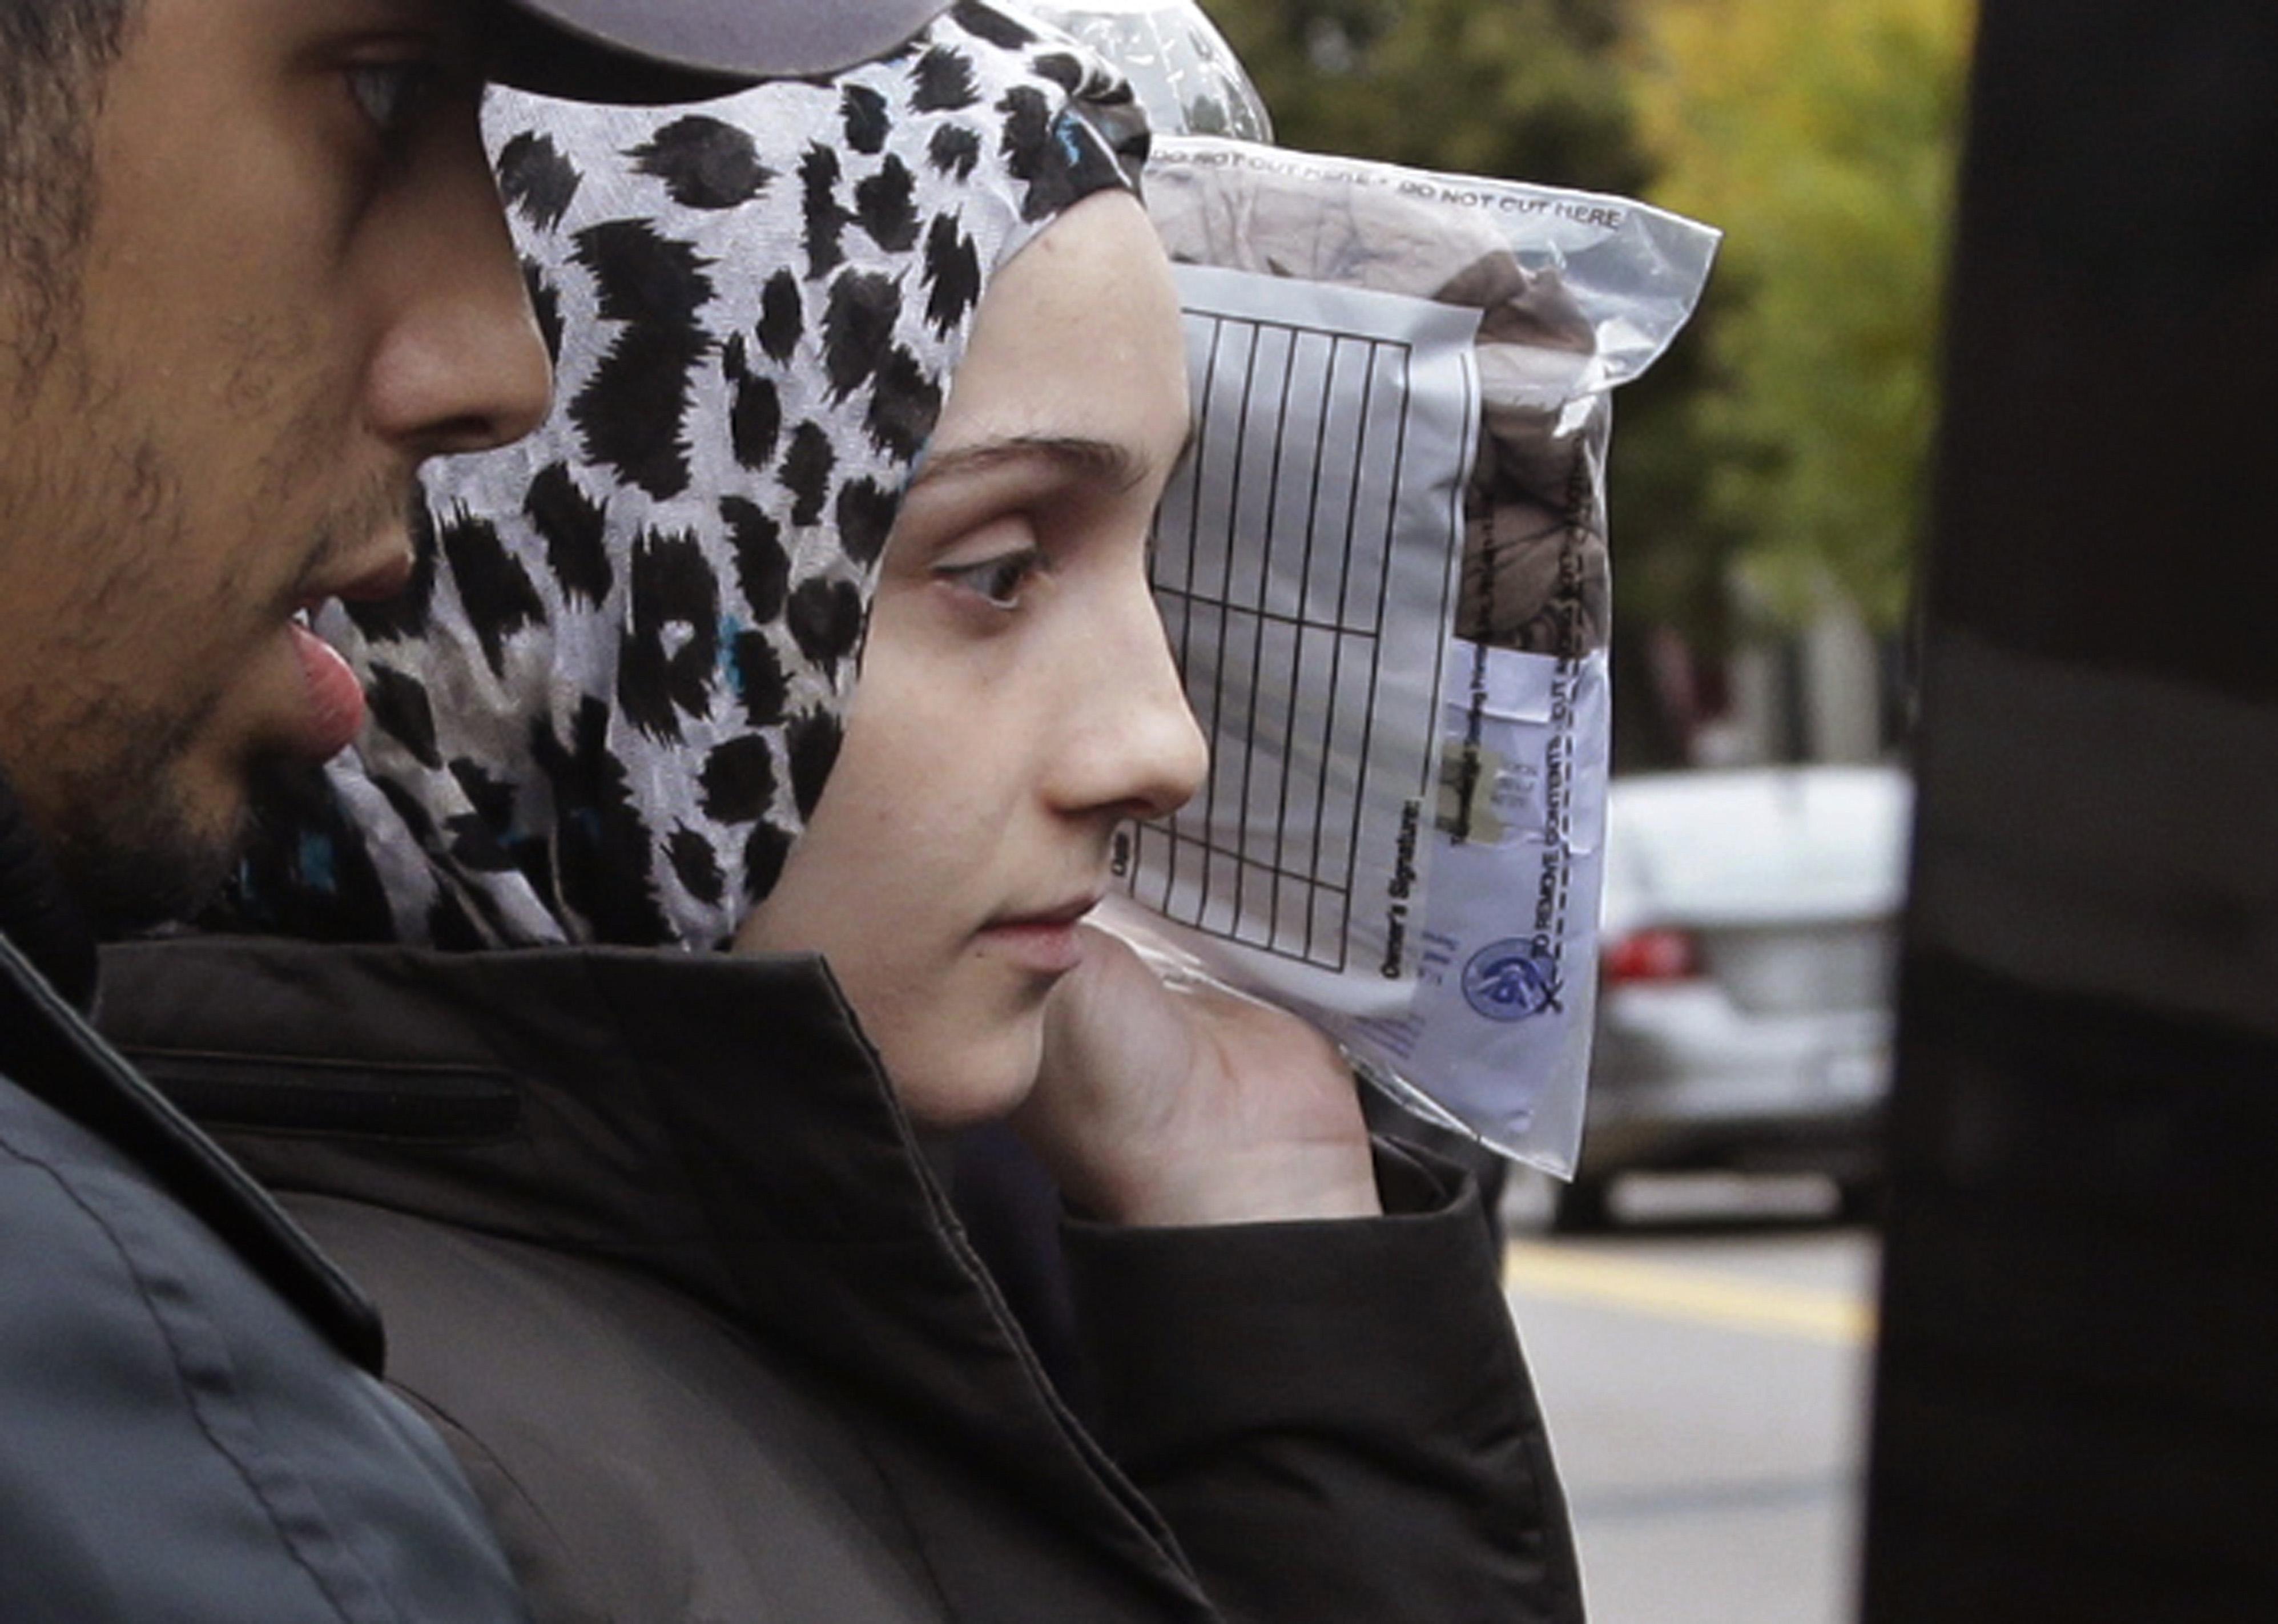 Tsarnaev sister appears in court for alleged bomb threat